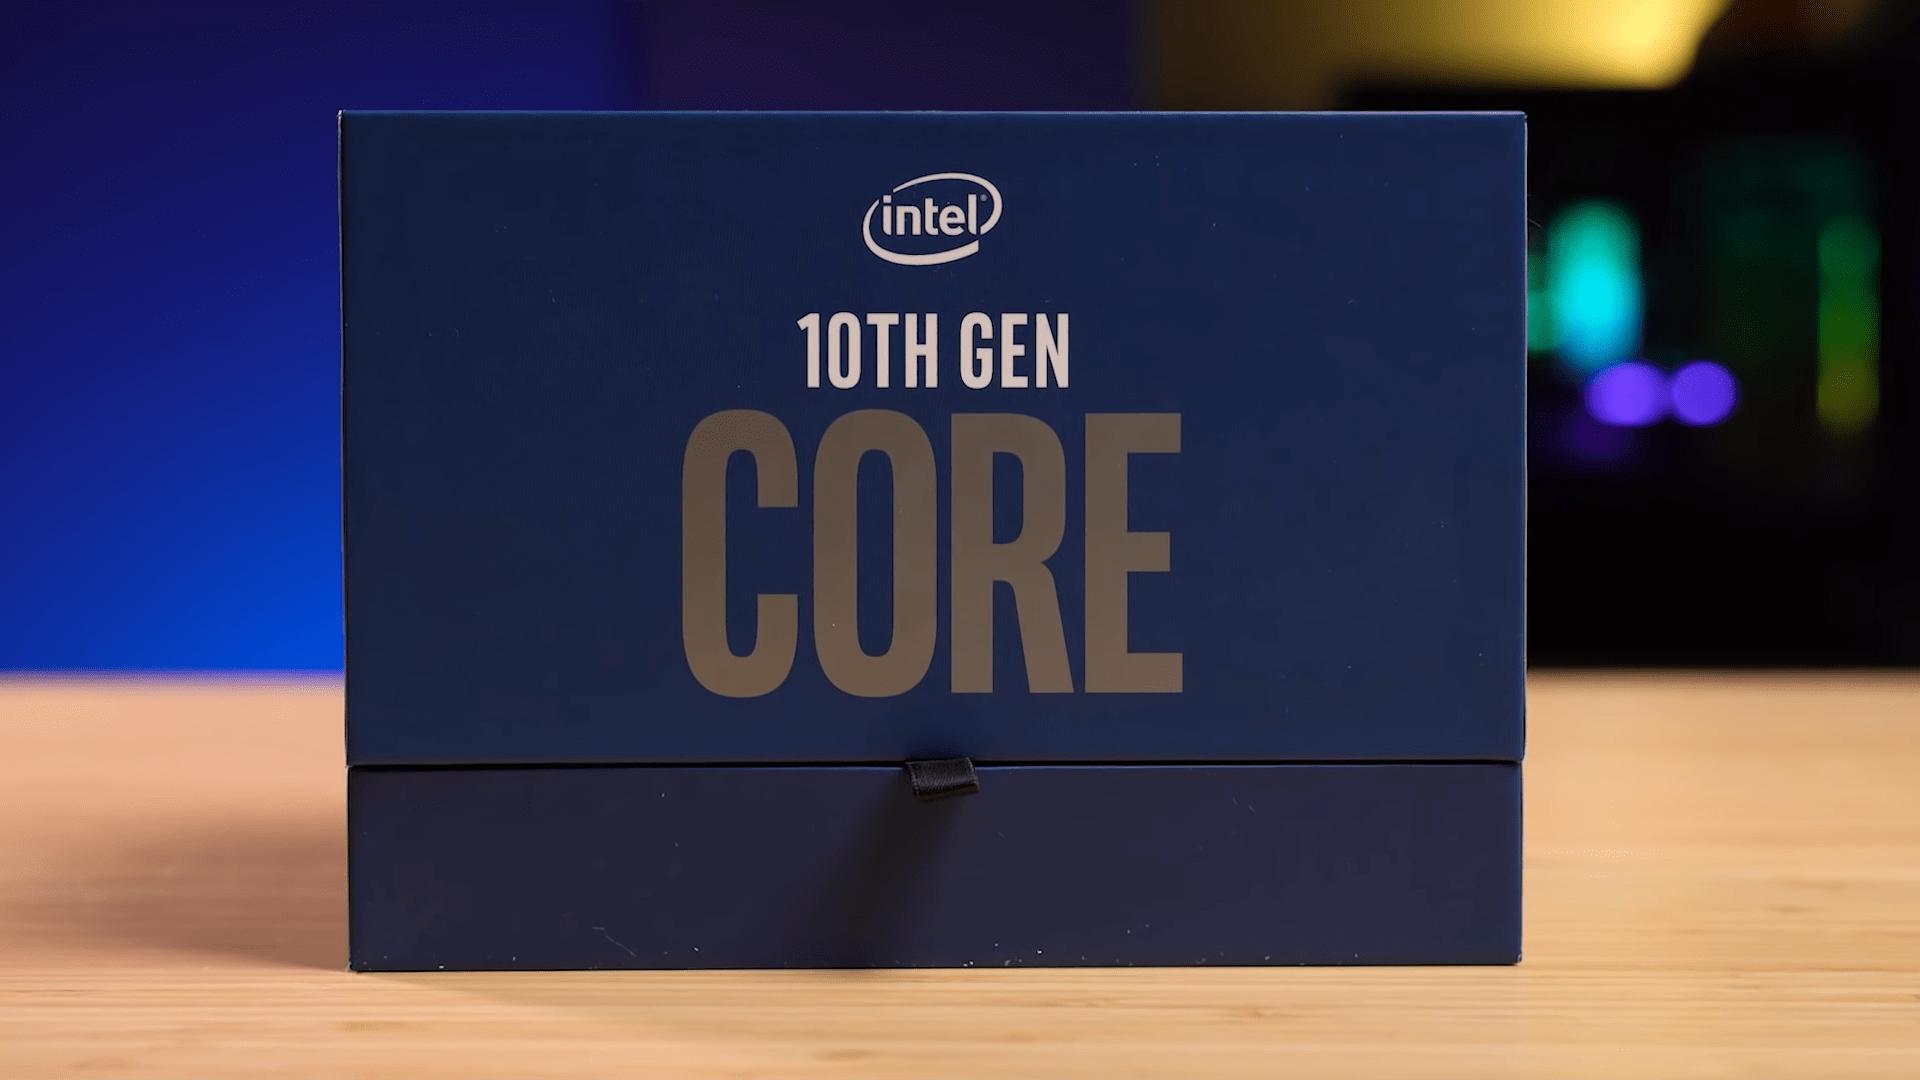 Comet Lake-S : que vaut la 10ème génération d'Intel Core ? Passage en revue des tests